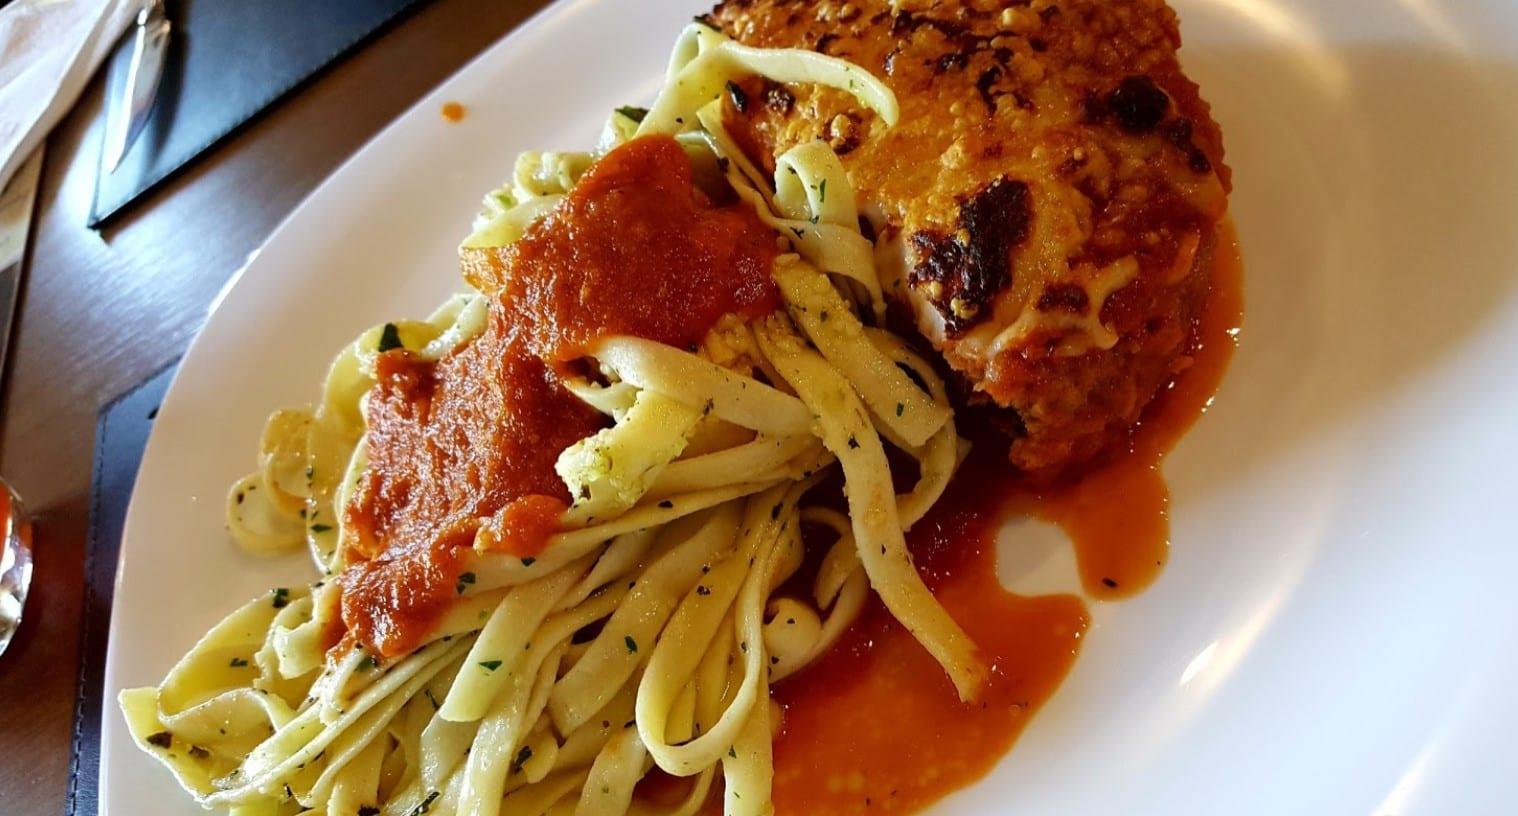 Restaurante italiano em Brasília: x lugares para conhecer / culinária da Itália